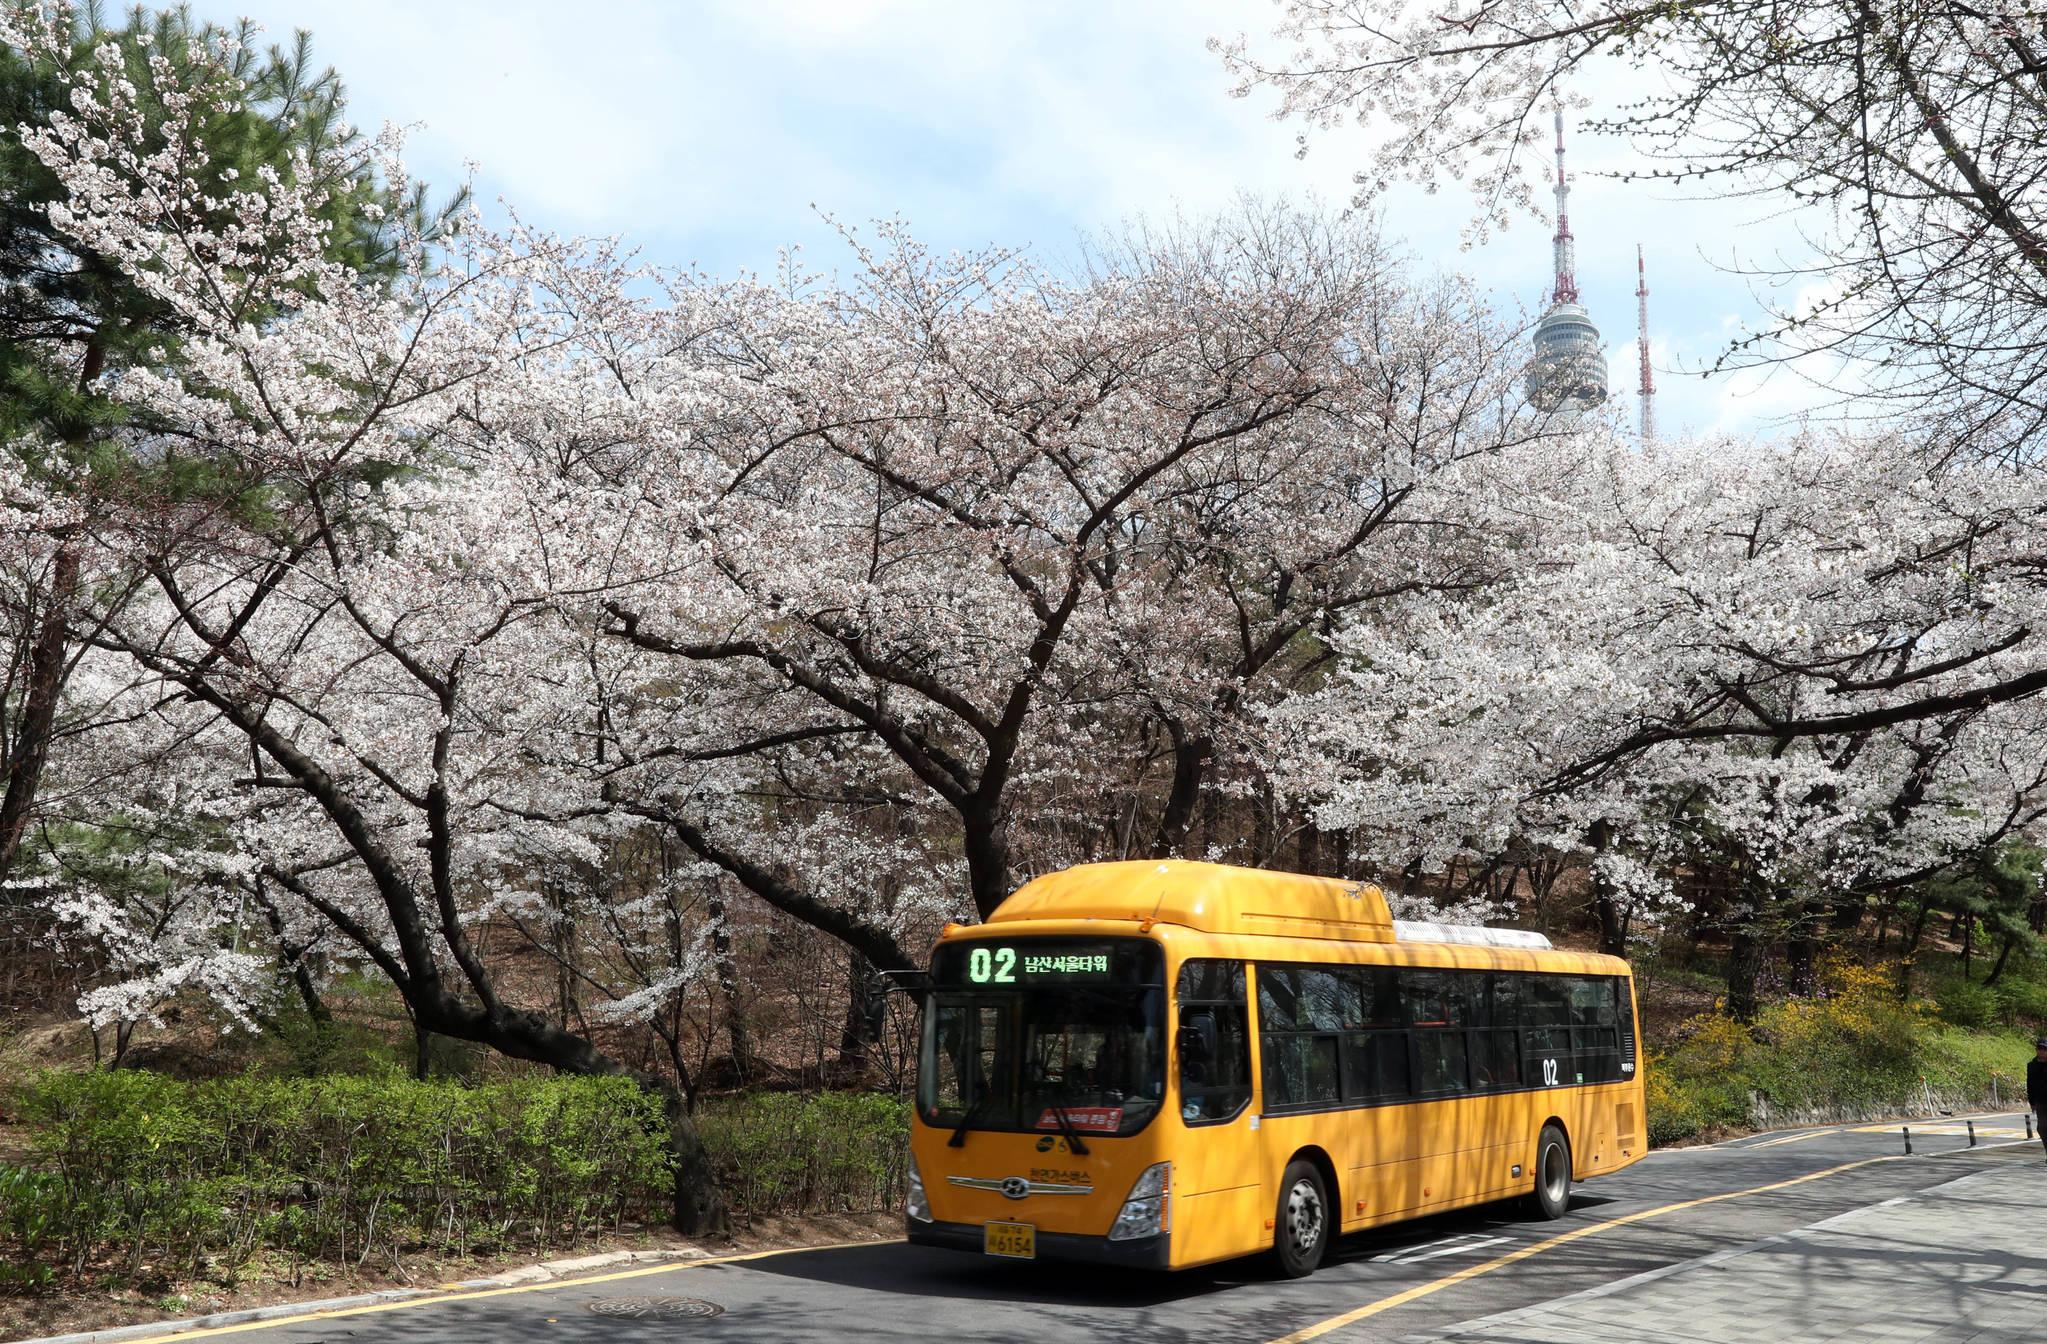 서울 남산 도서관에서 타워로 오르는 벚꽃길의 벚꽃은 지대가 높아서 인지 7일 현재 가장 싱싱하다. 강정현 기자